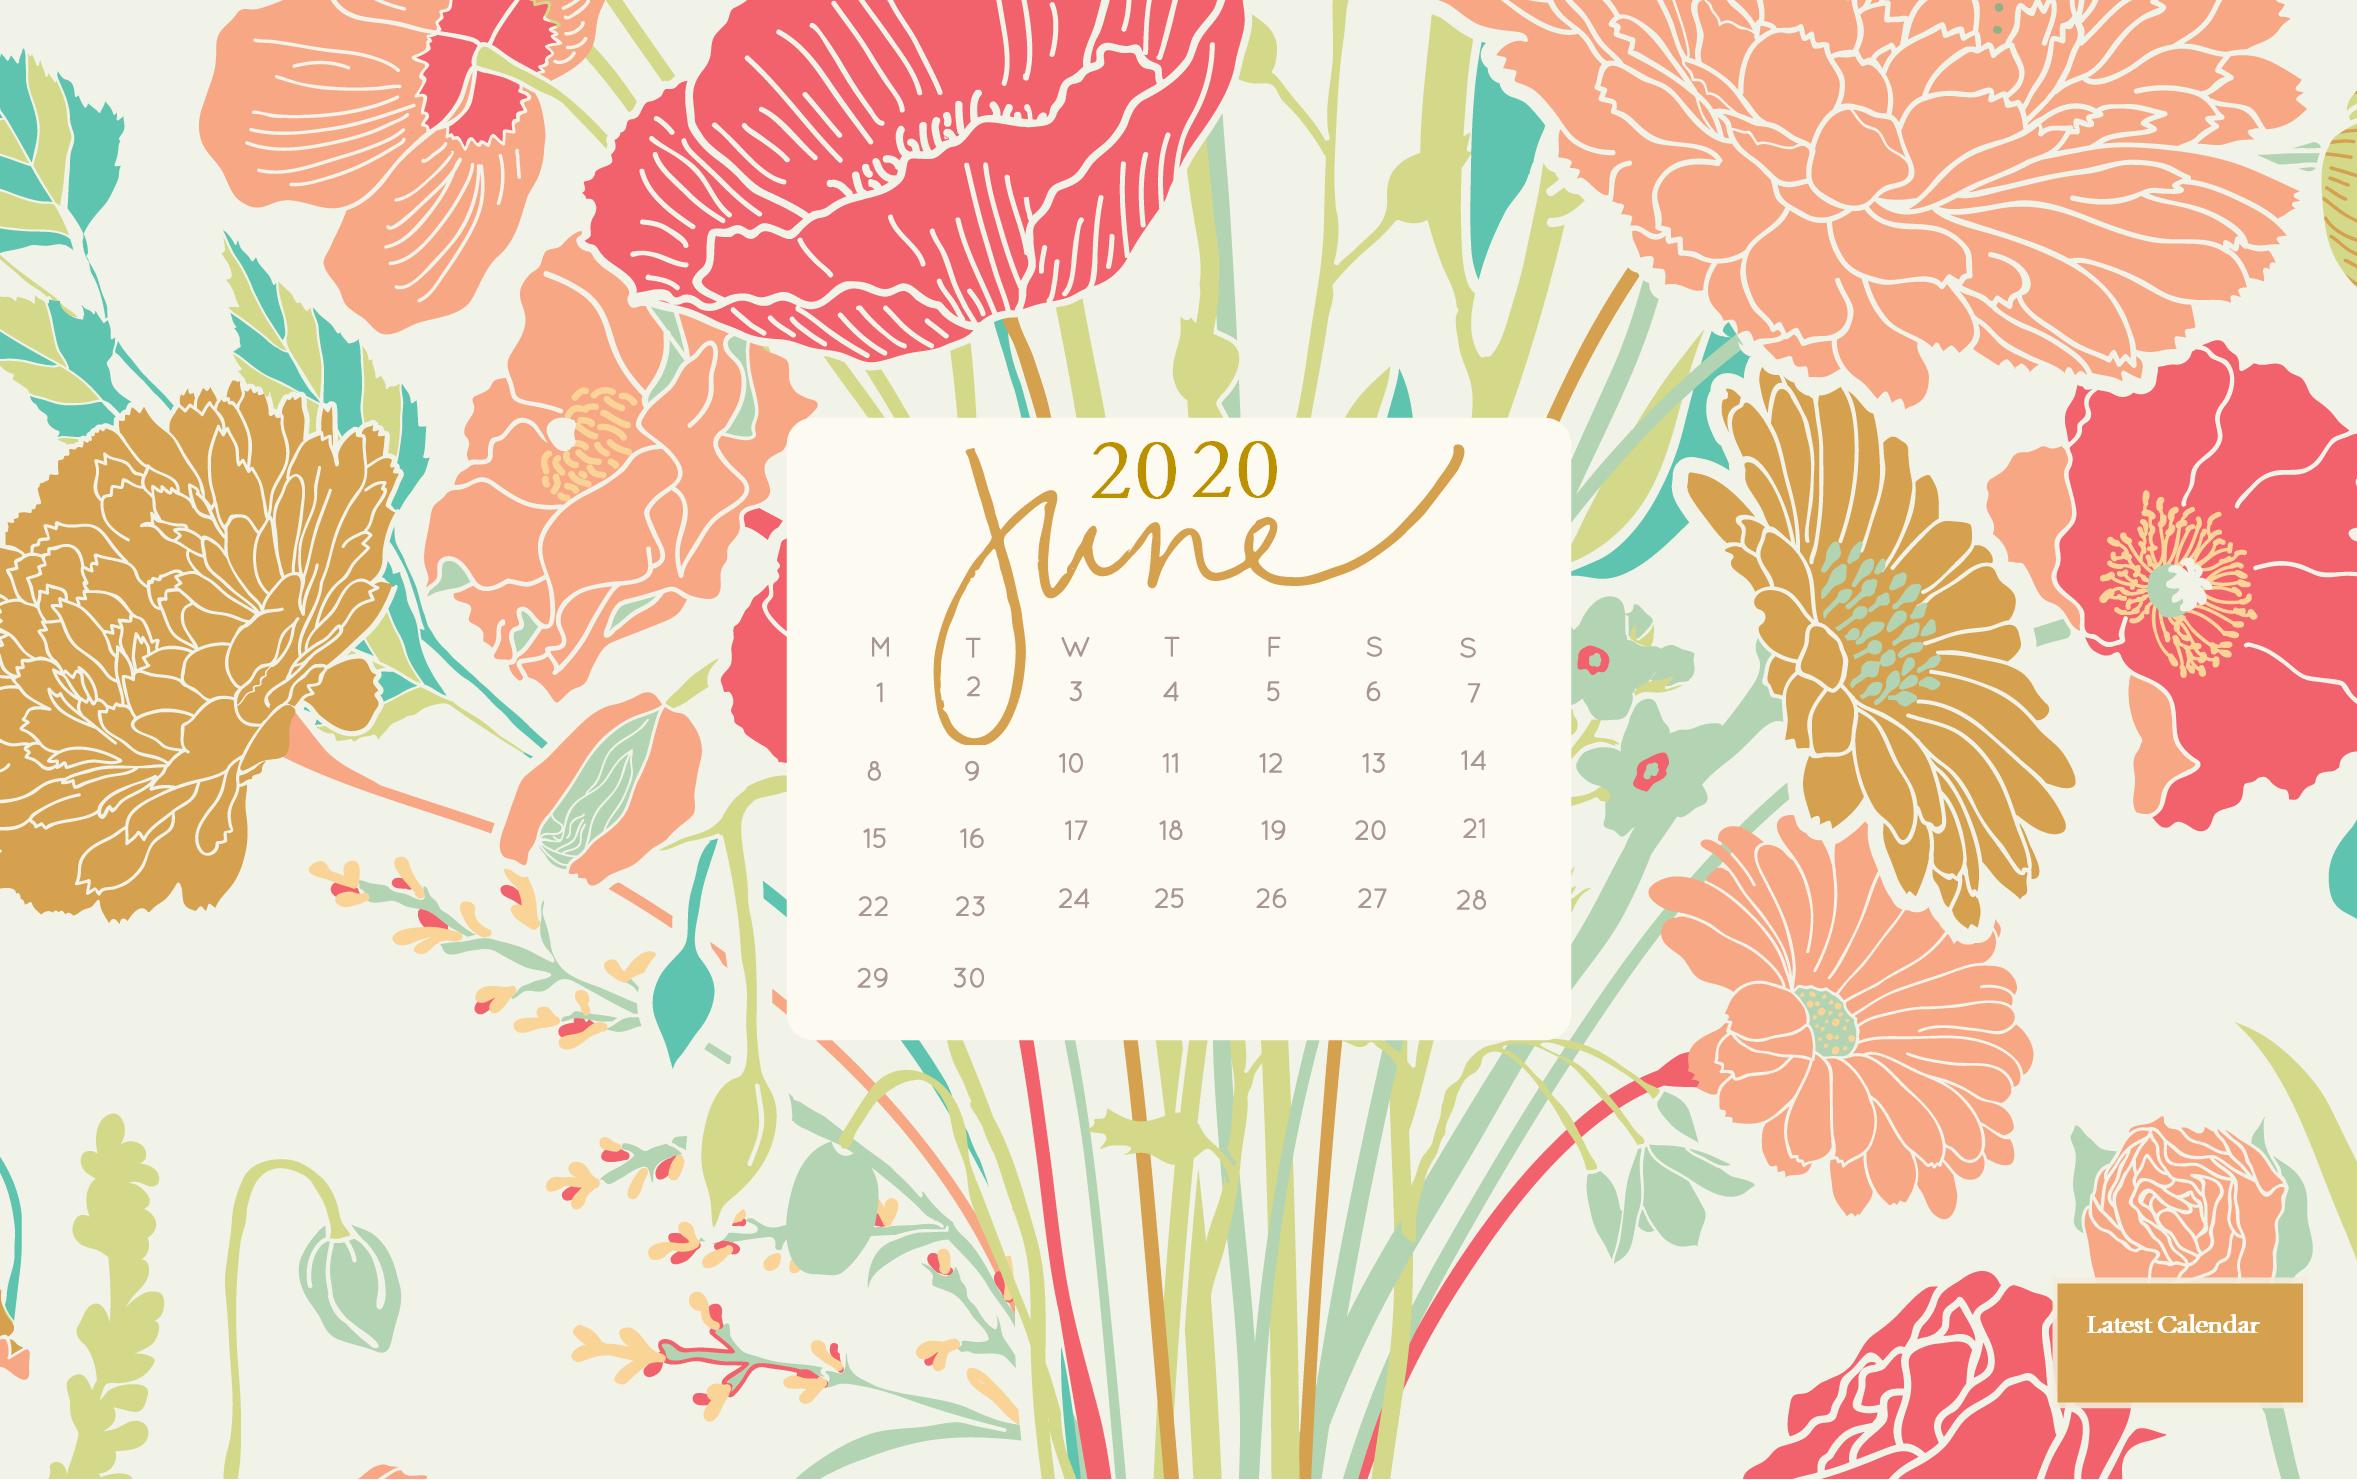 Floral June 2020 Wallpaper